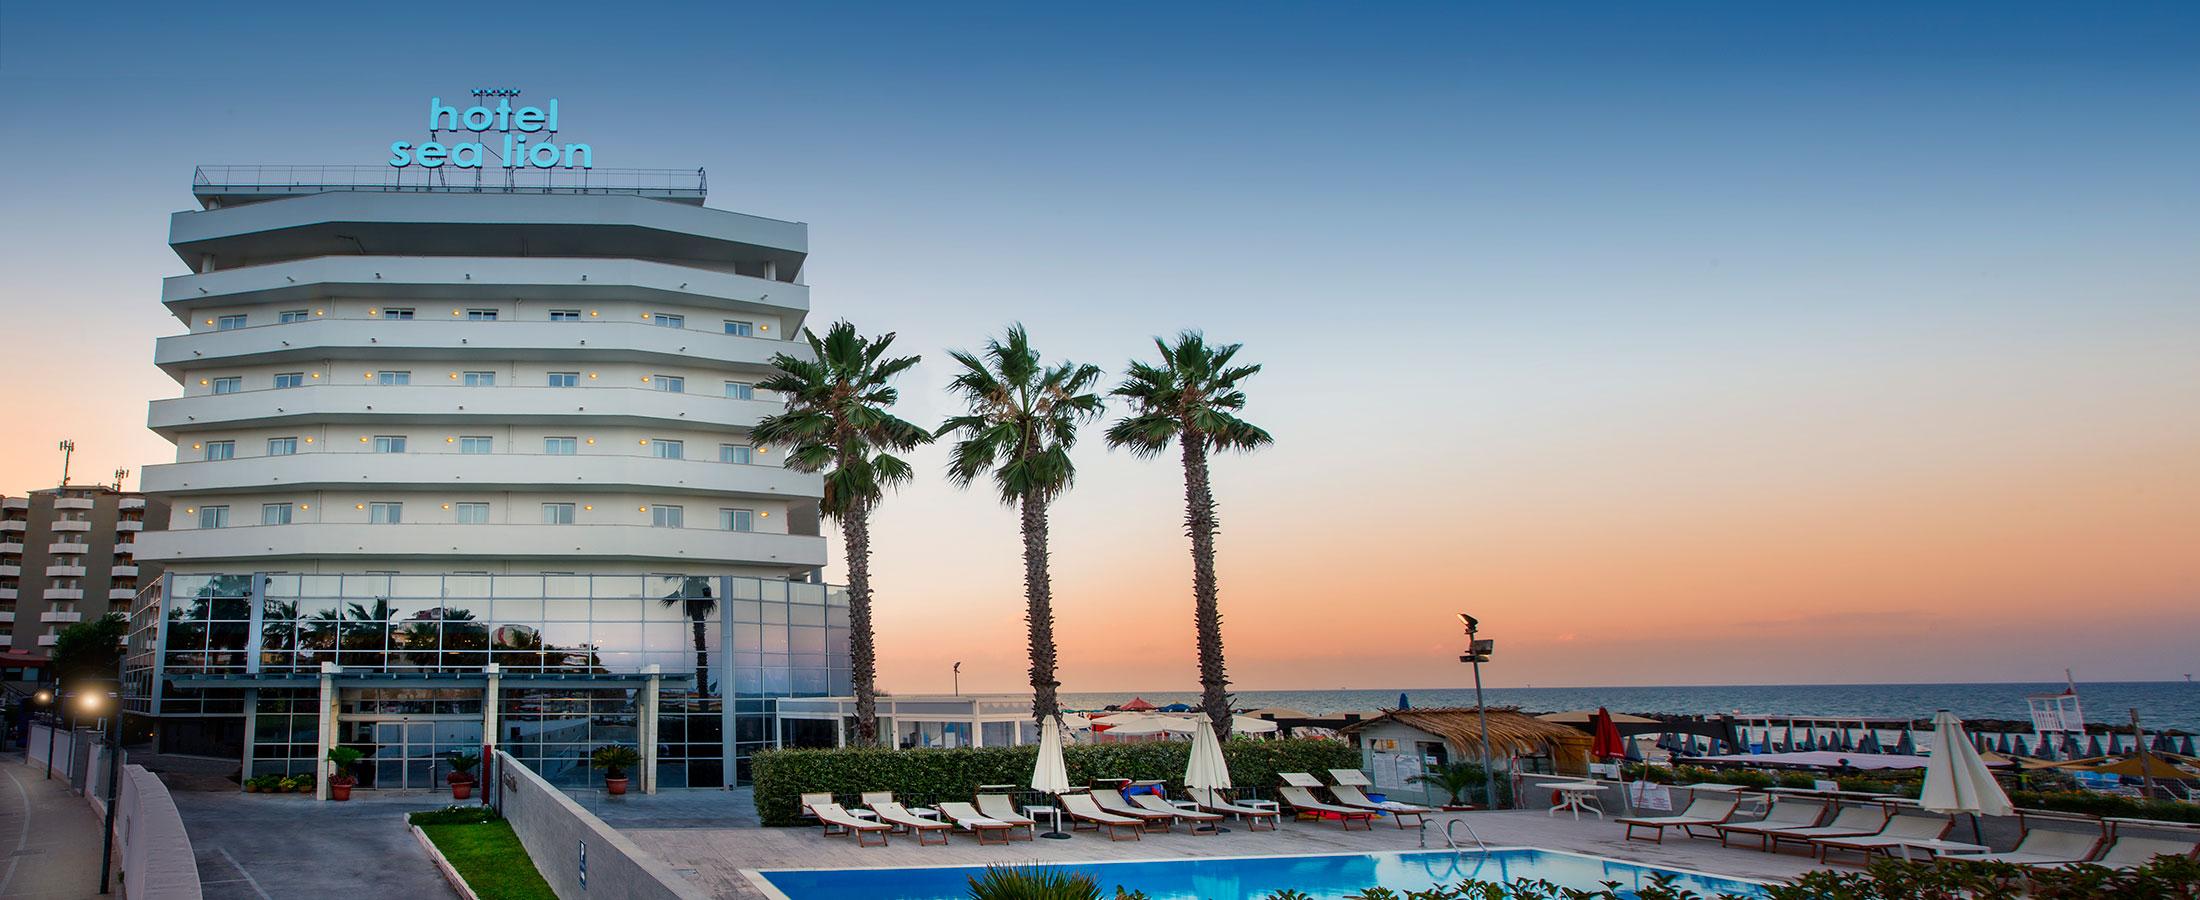 Hotel ideale per vacanze a montesilvano vicino pescara in for Hotel 4 stelle barcellona centro